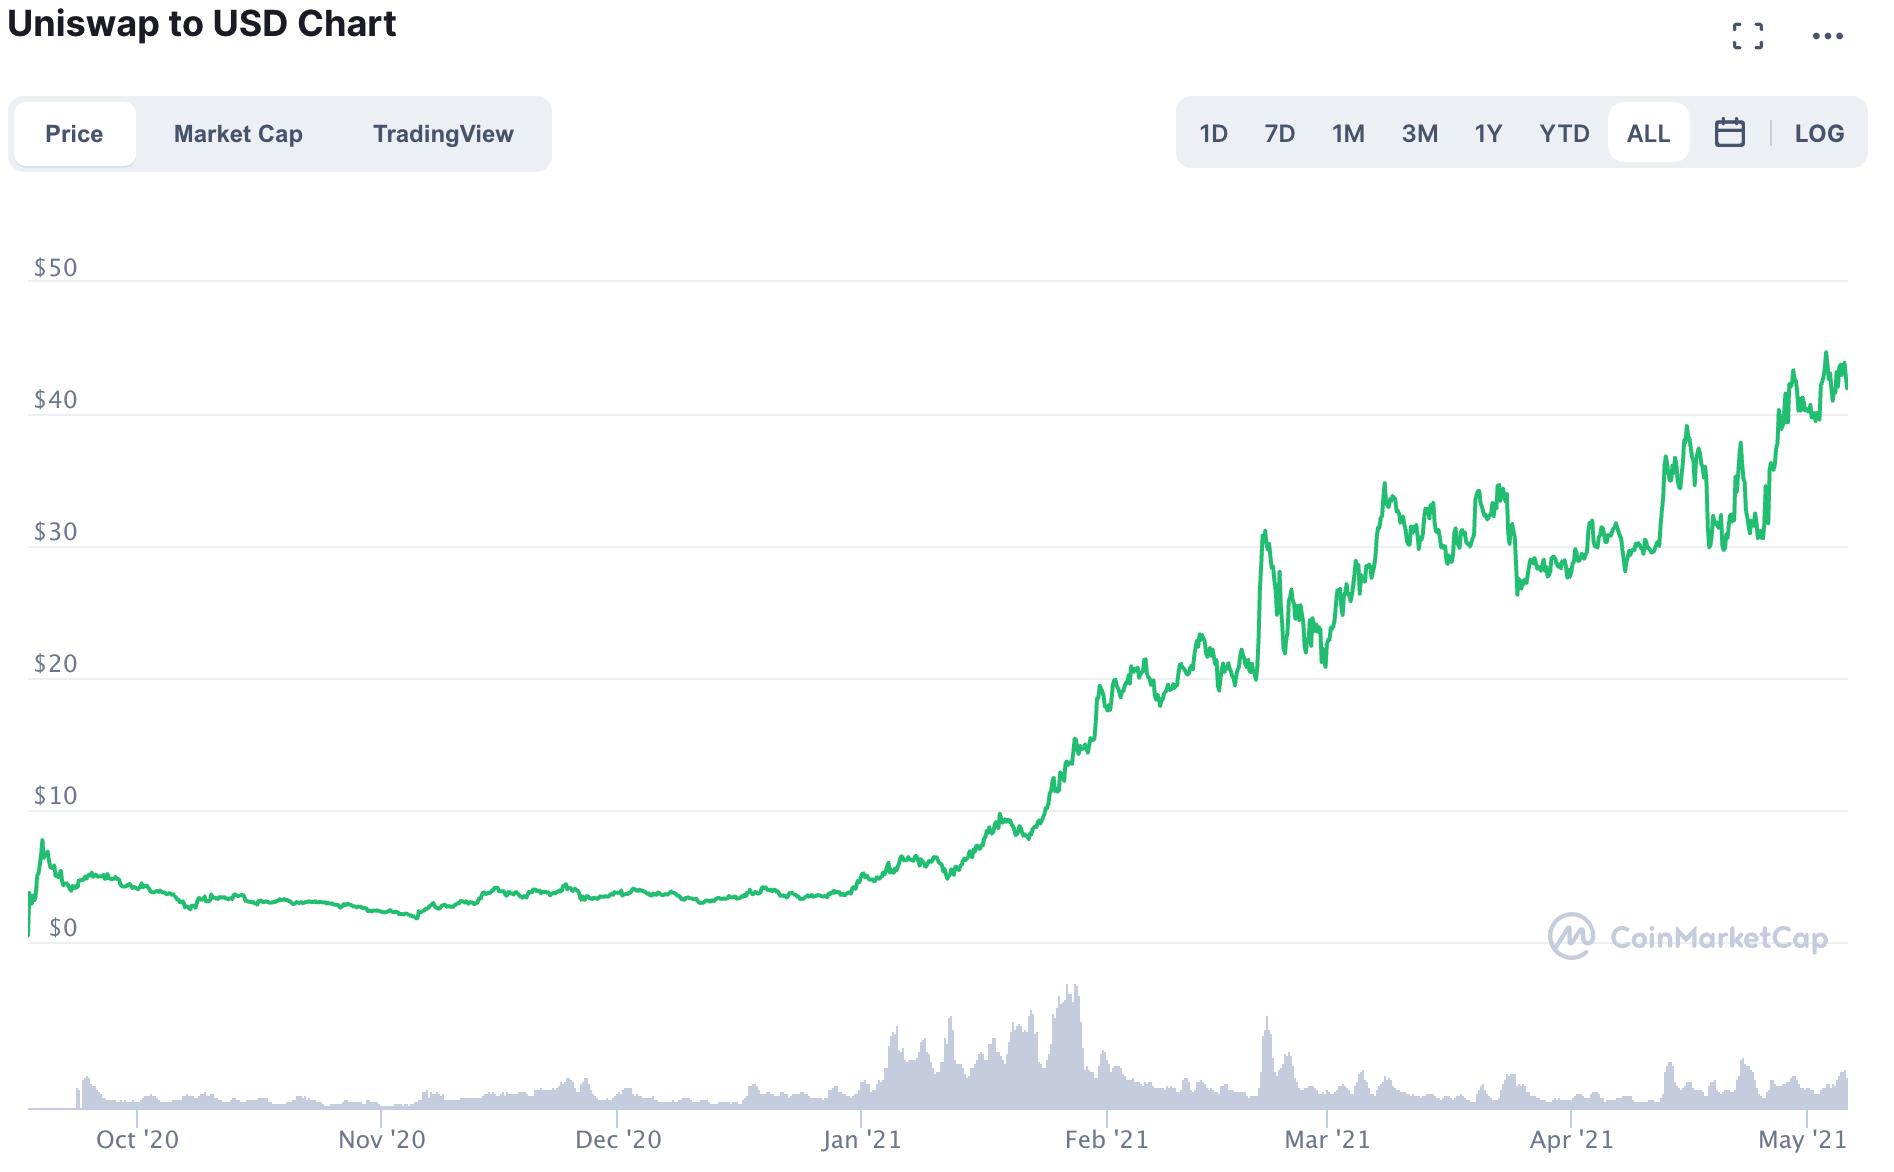 유니스왑/달러 차트